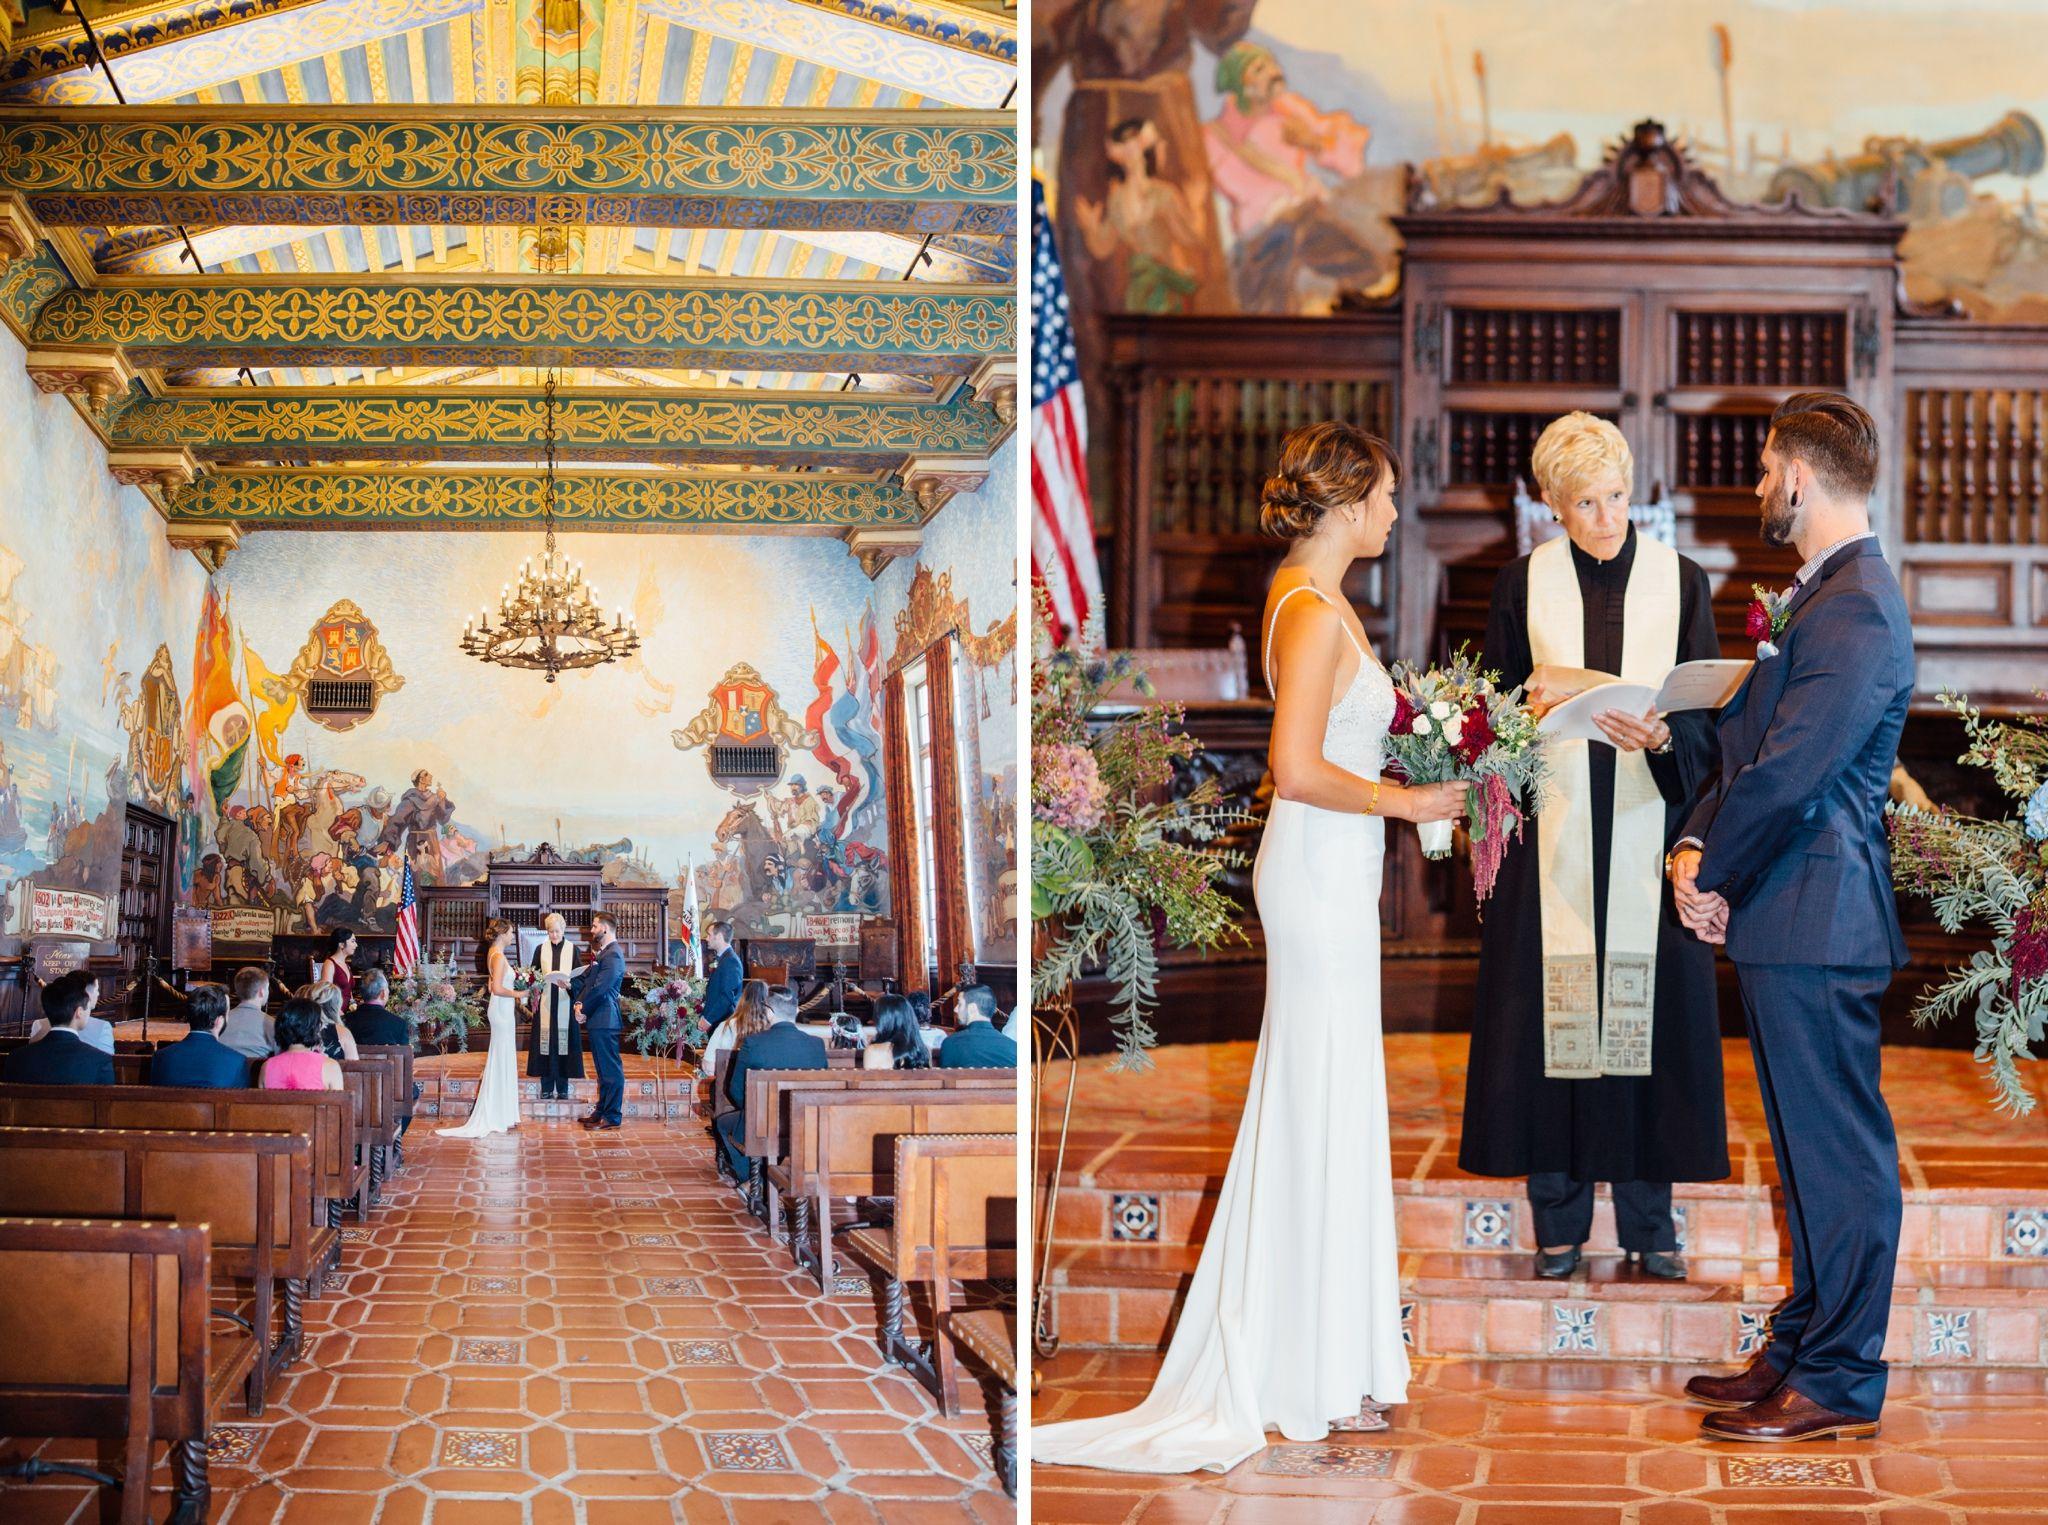 The Delaruas Santa Barbara Courthouse Wedding Santa Barbara Courthouse Wedding Courthouse Wedding Dress Santa Barbara Courthouse